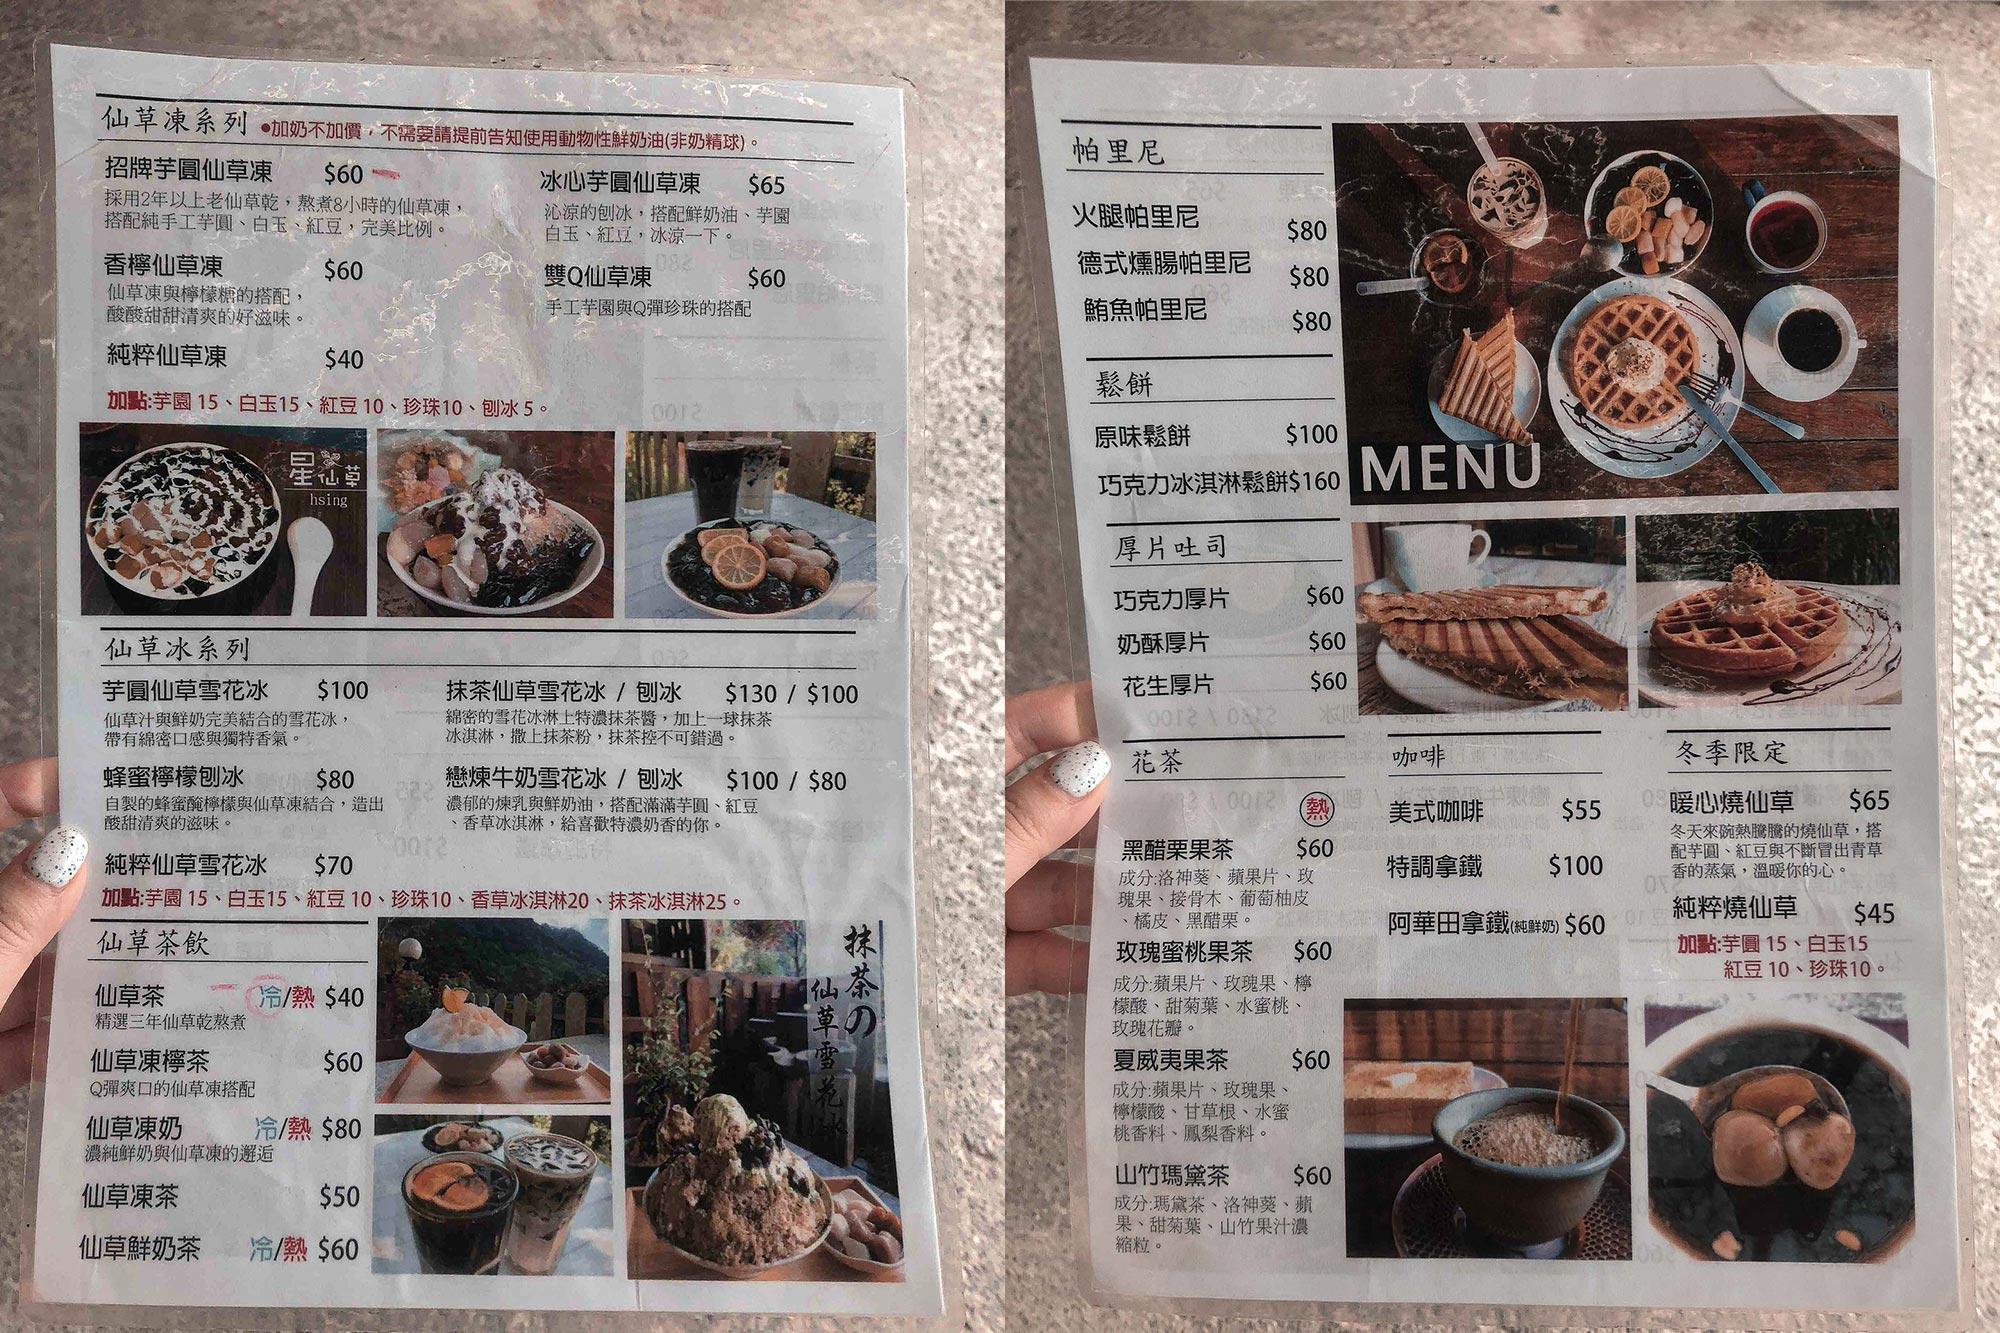 苗栗南庄_星仙草menu